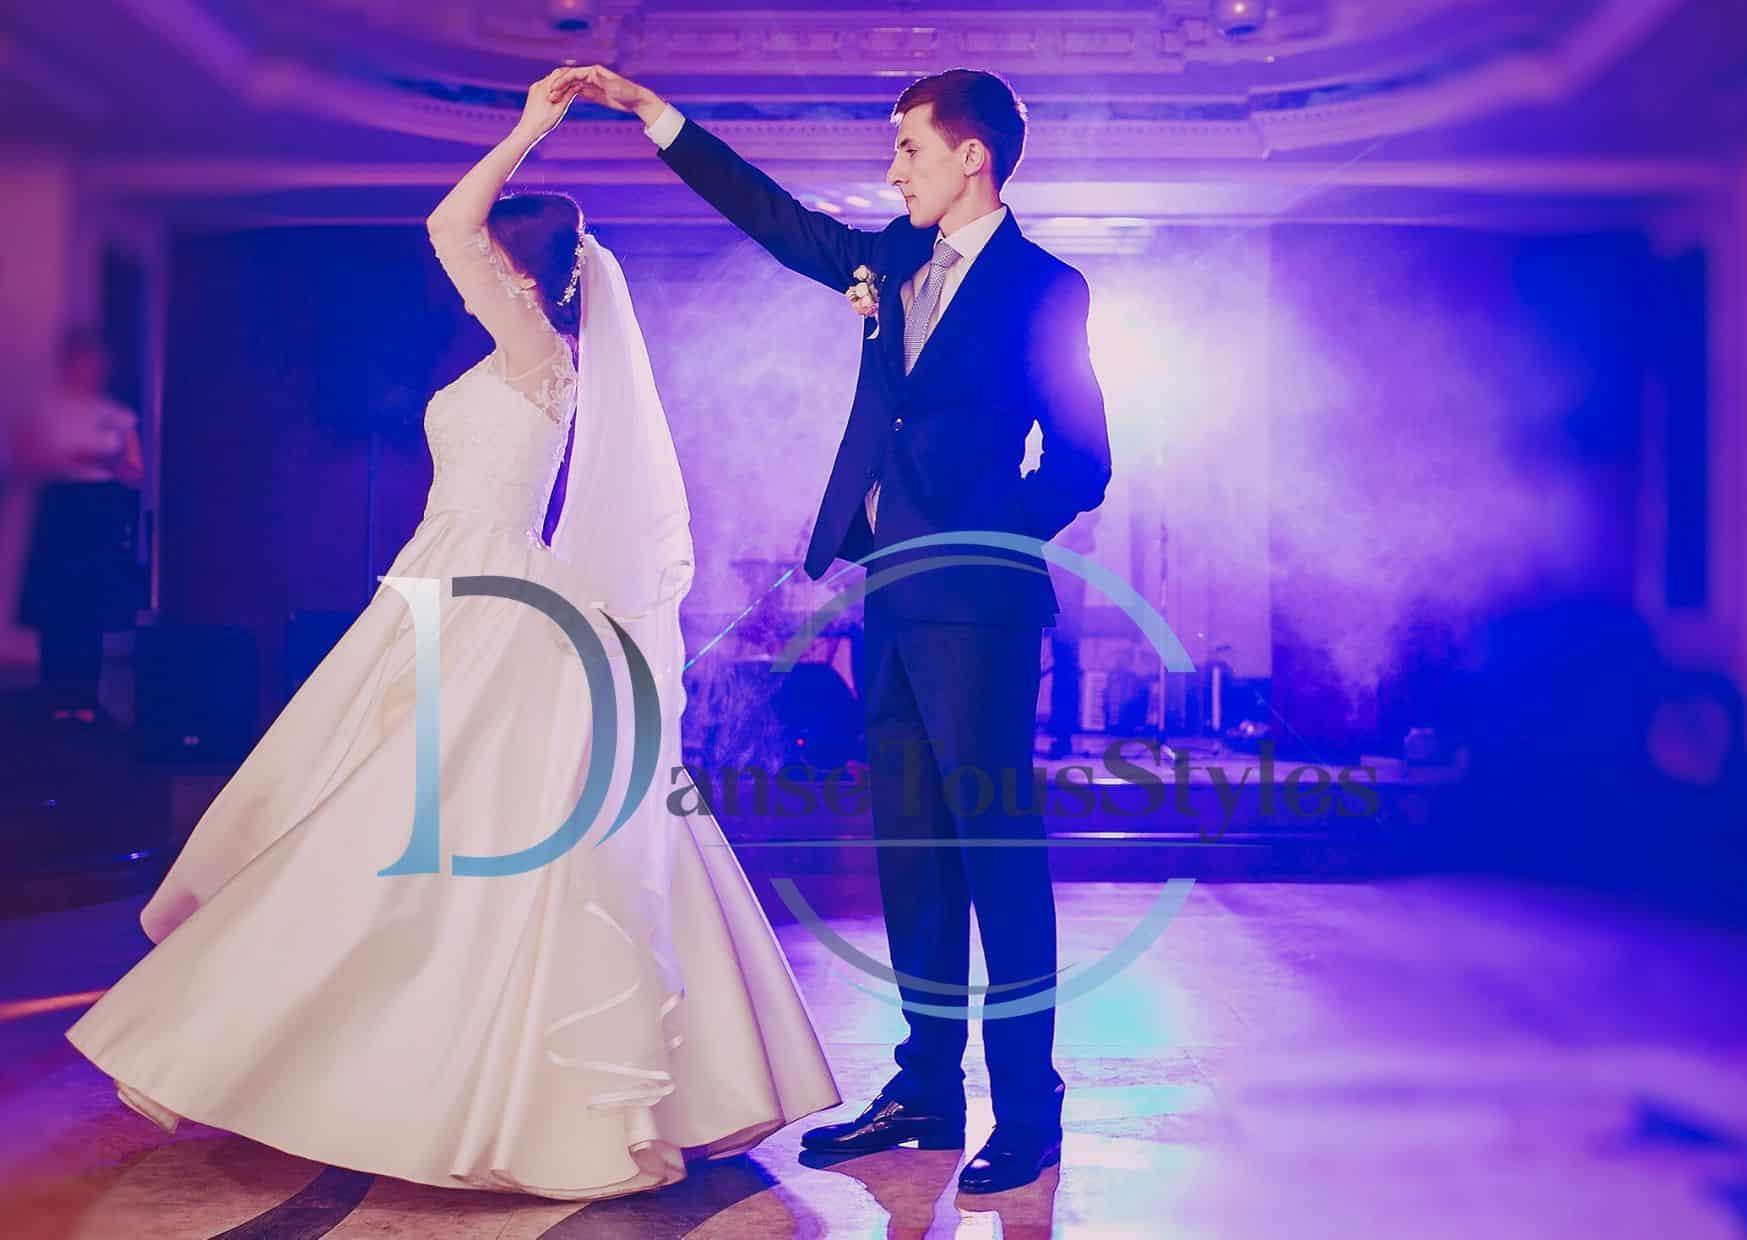 ouverture de bal limoges - Ouverture de Bal / 1ère danse de mariage à Courbevoie